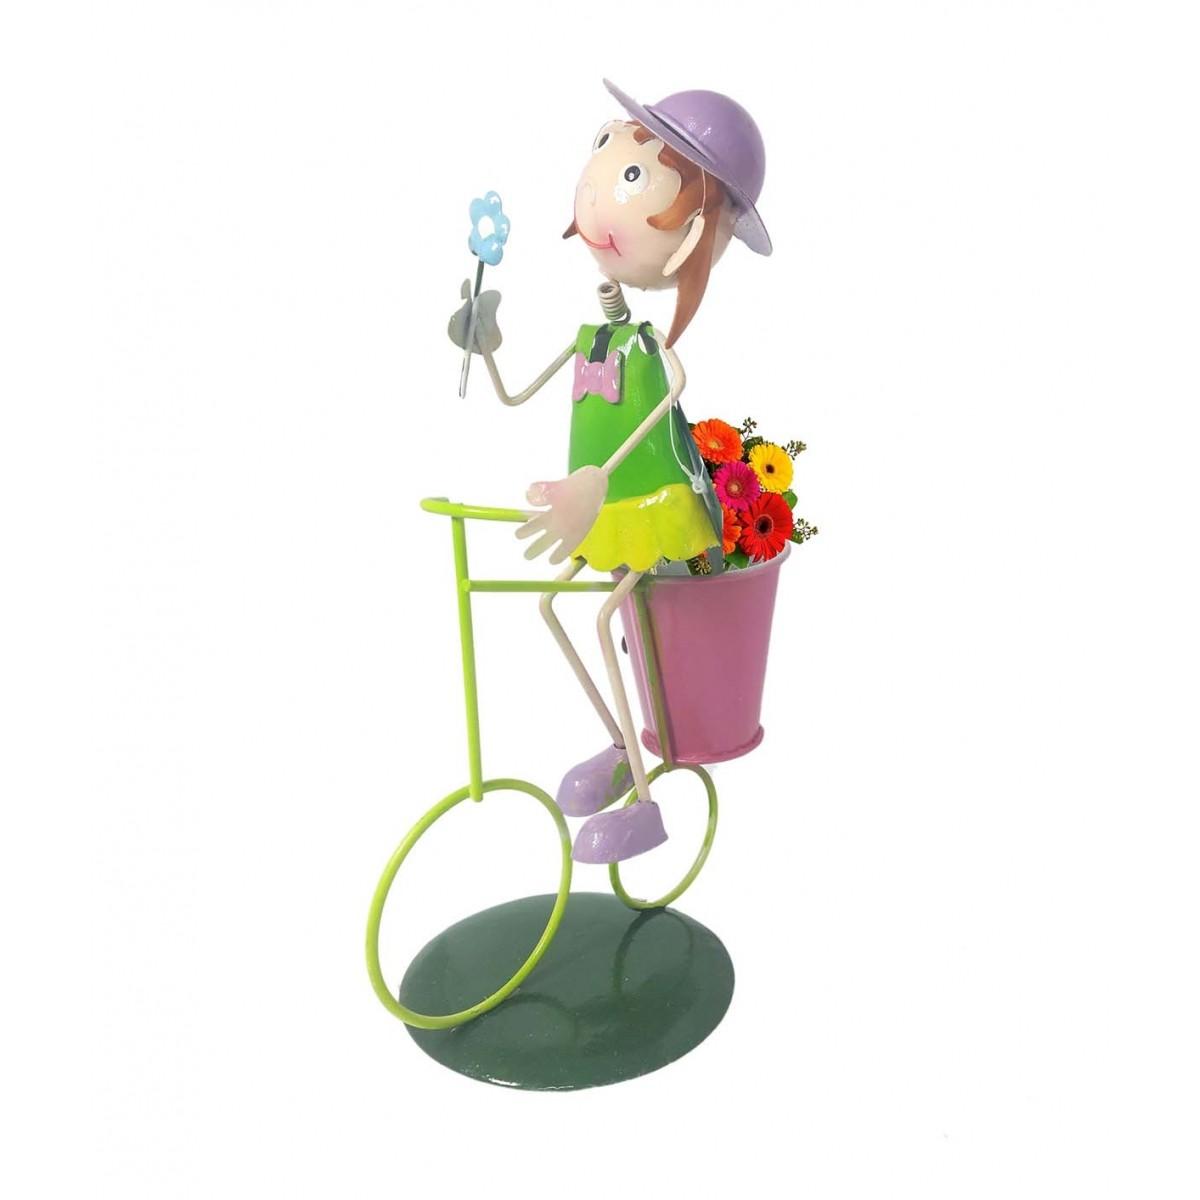 Boneca com Bicicleta Enfeite e Decoraçao Jardim Casa Flores Vaso Porta Treco (bon-m-13)